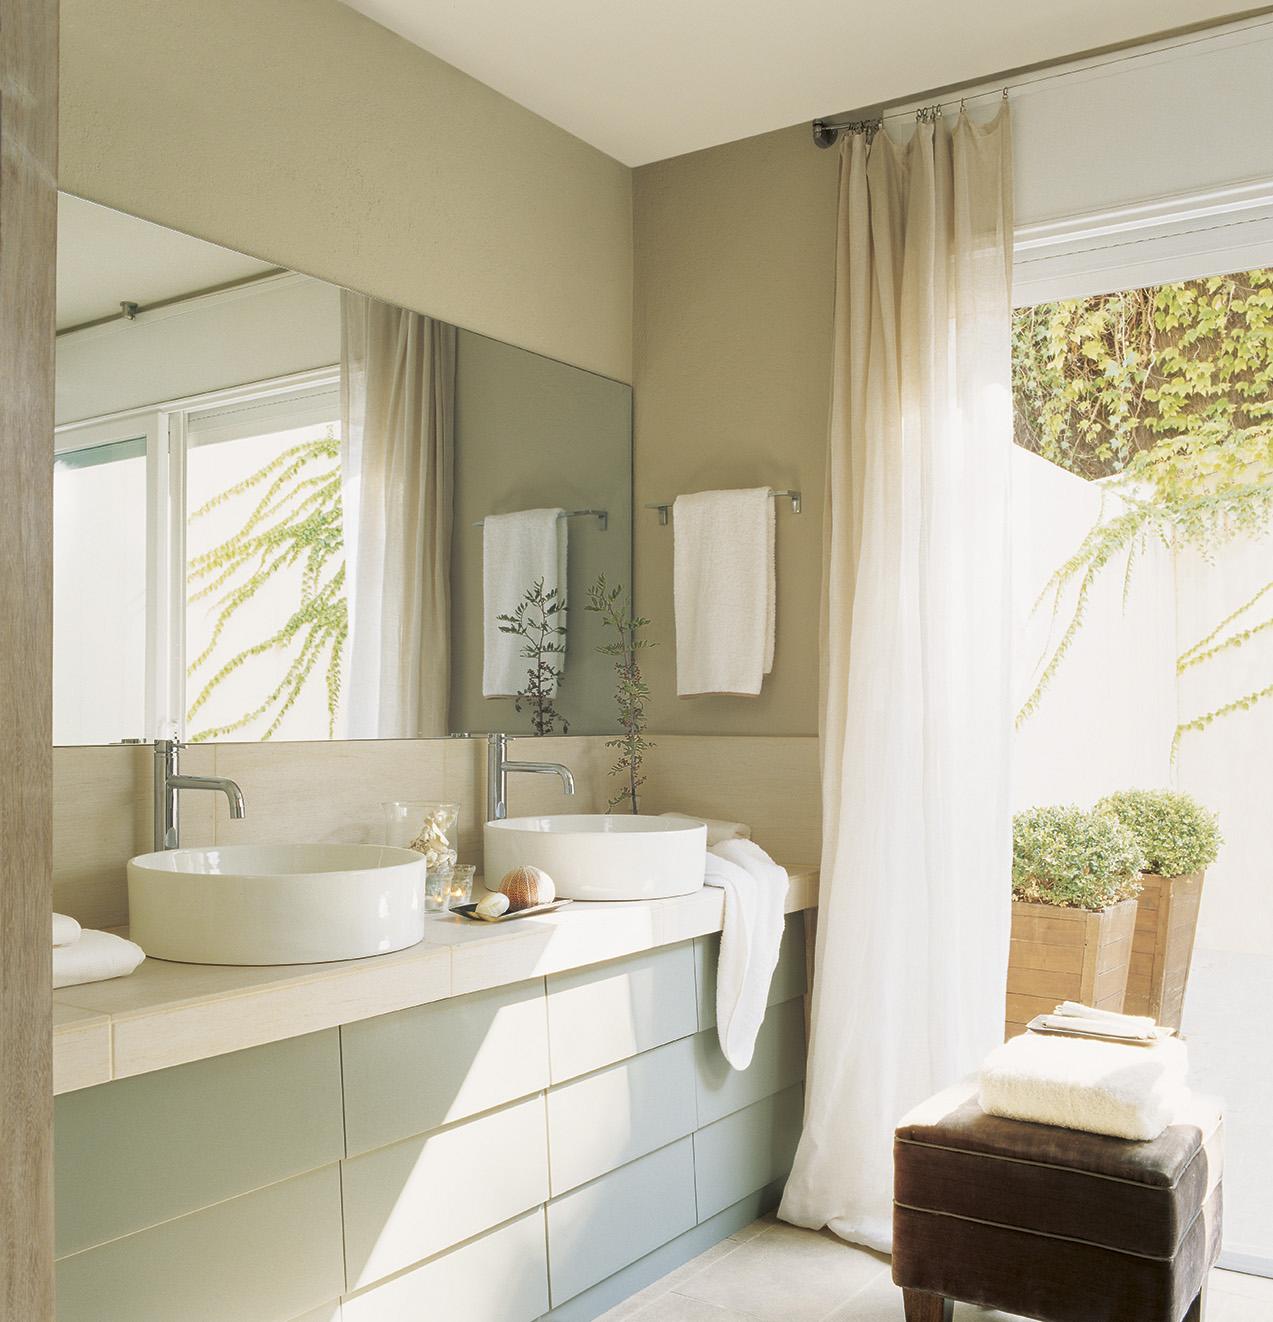 Muebles ba o decoraci n accesorios mamparas y azulejos - Muebles de bano con dos lavabos ...